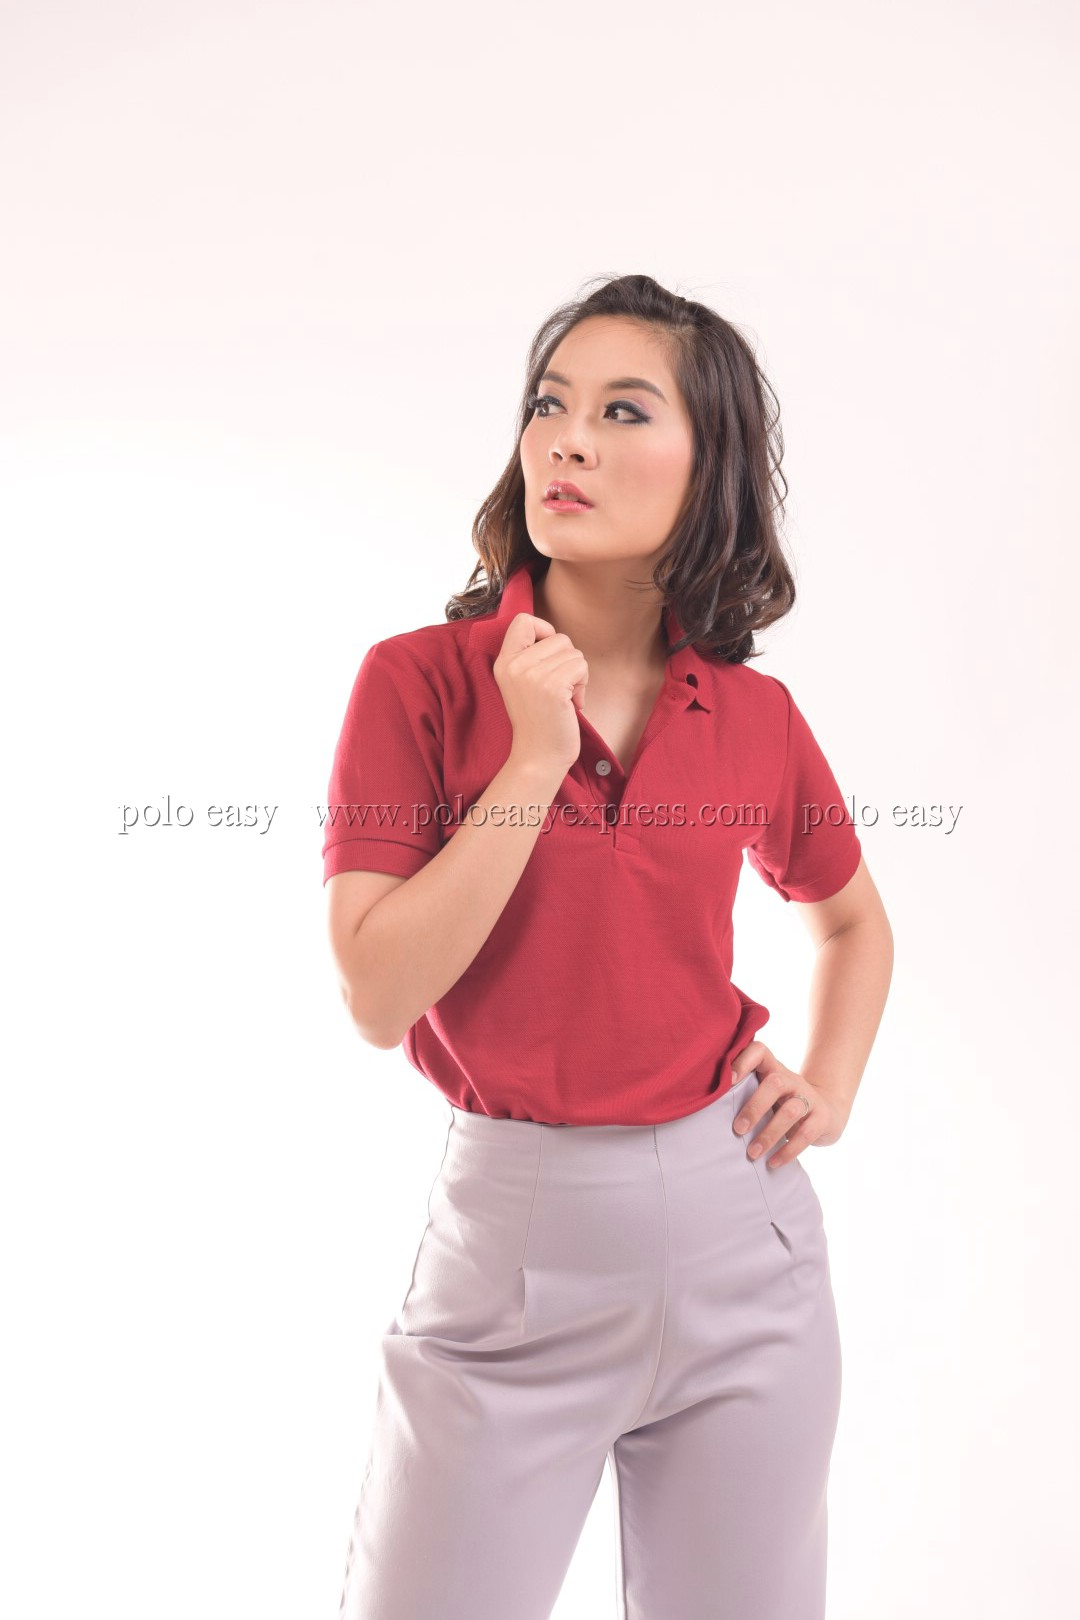 เสื้อโปโล สีเลือดหมู TK Premium แขนสั้น ทรงเว้า (หญิง) Size L